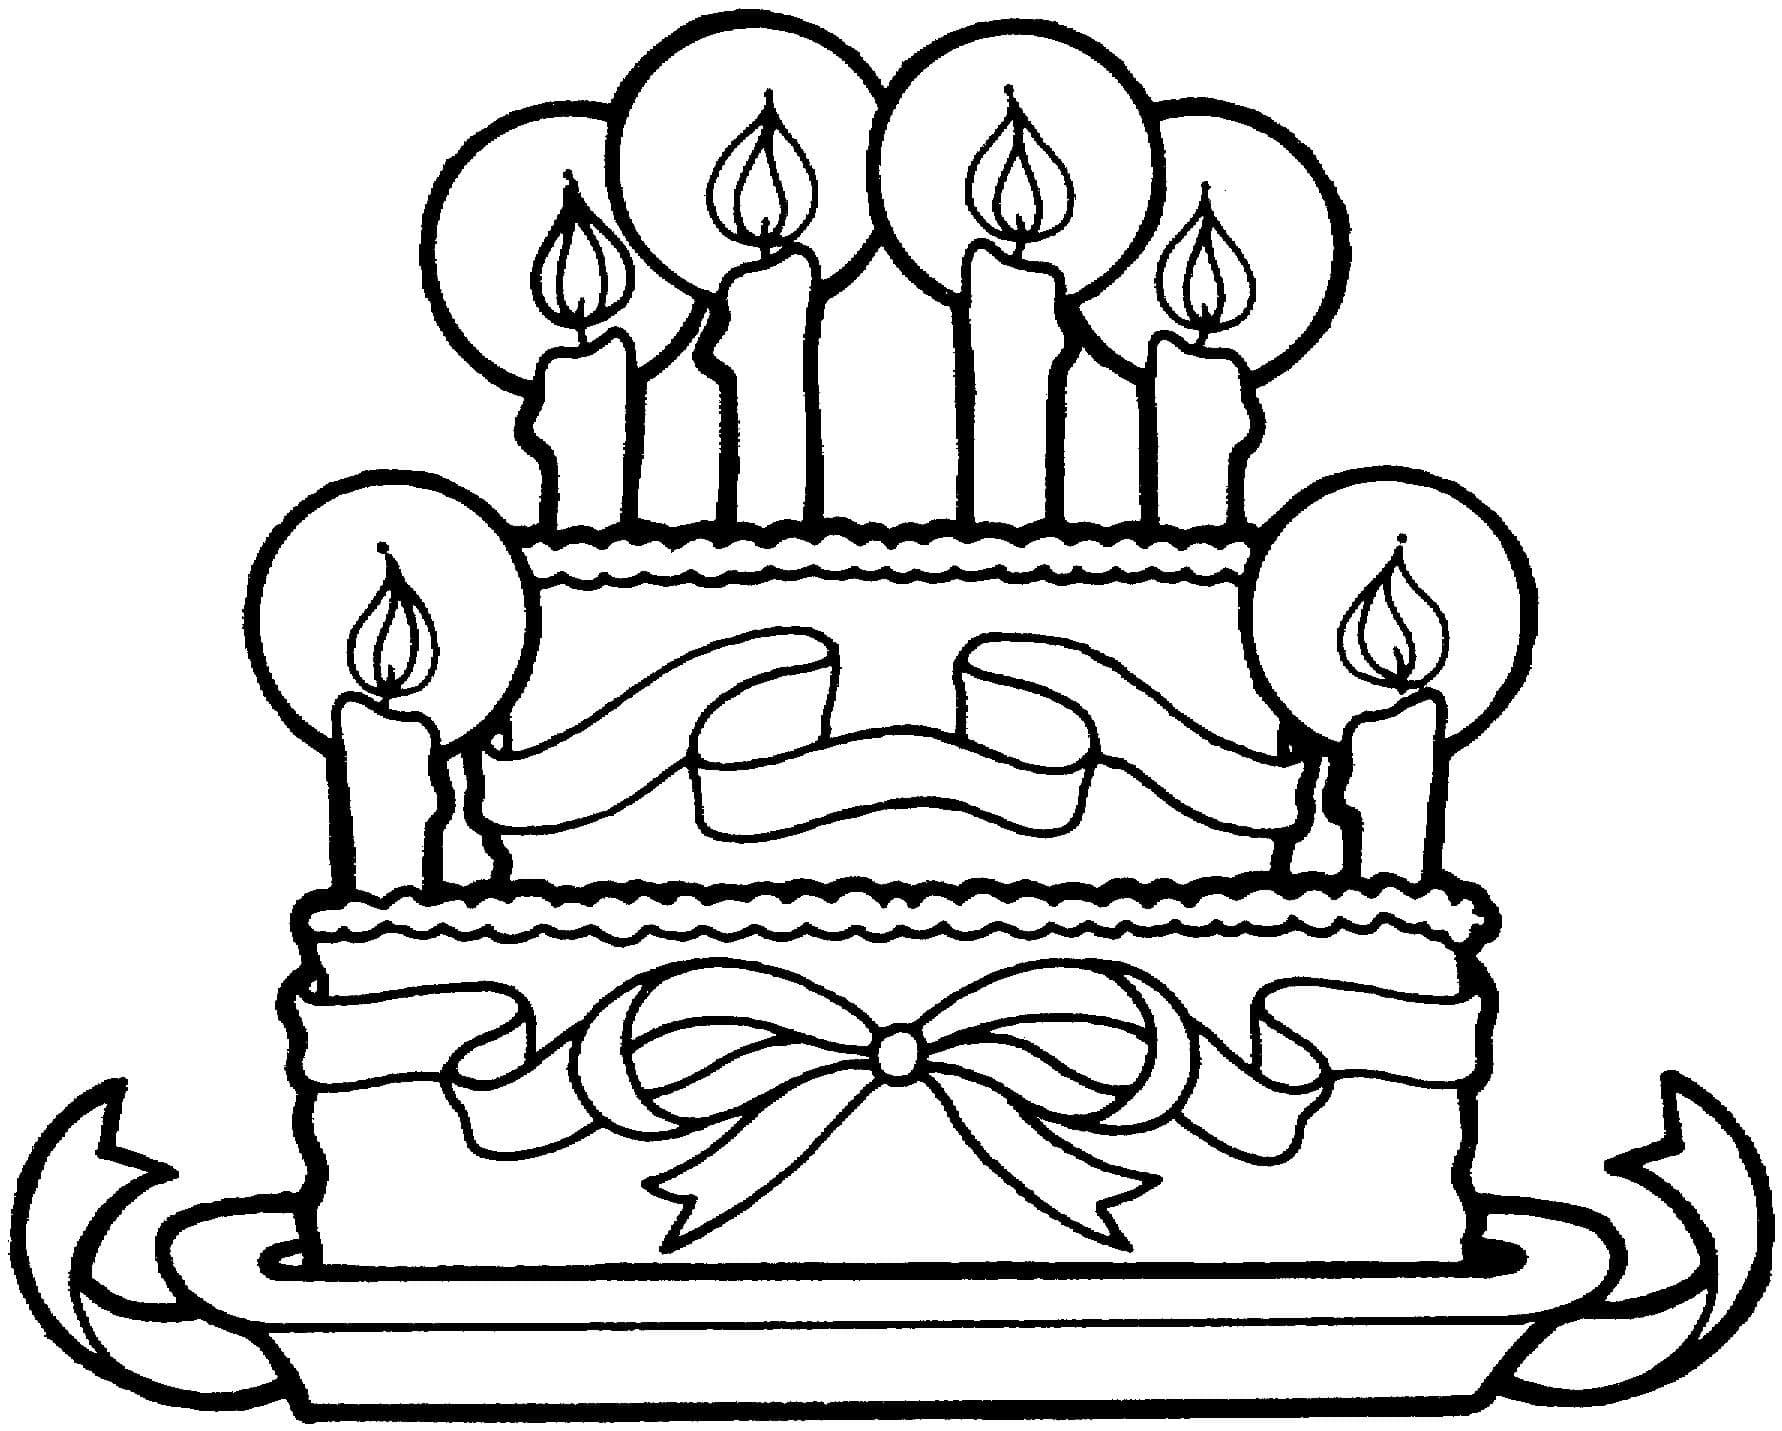 Открытки раскраска с днем рождения, поздравлением лет